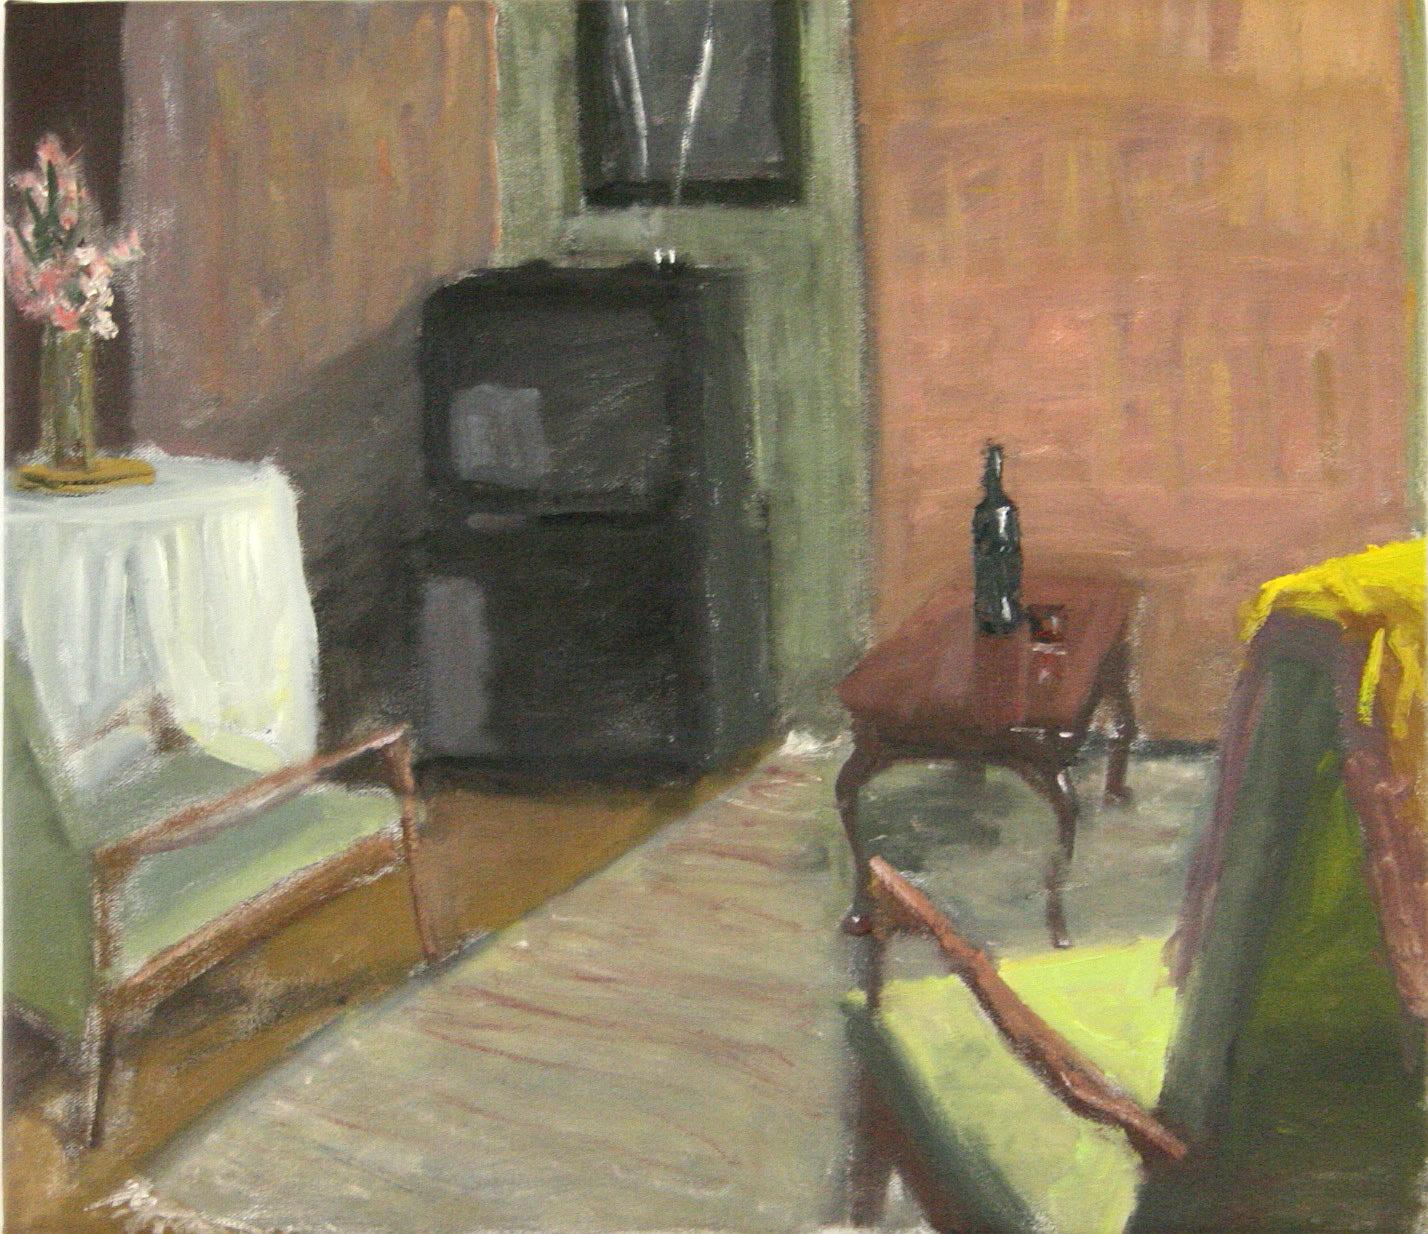 Nairn Street, Oil on Canvas, 50 x 60cm, 2007